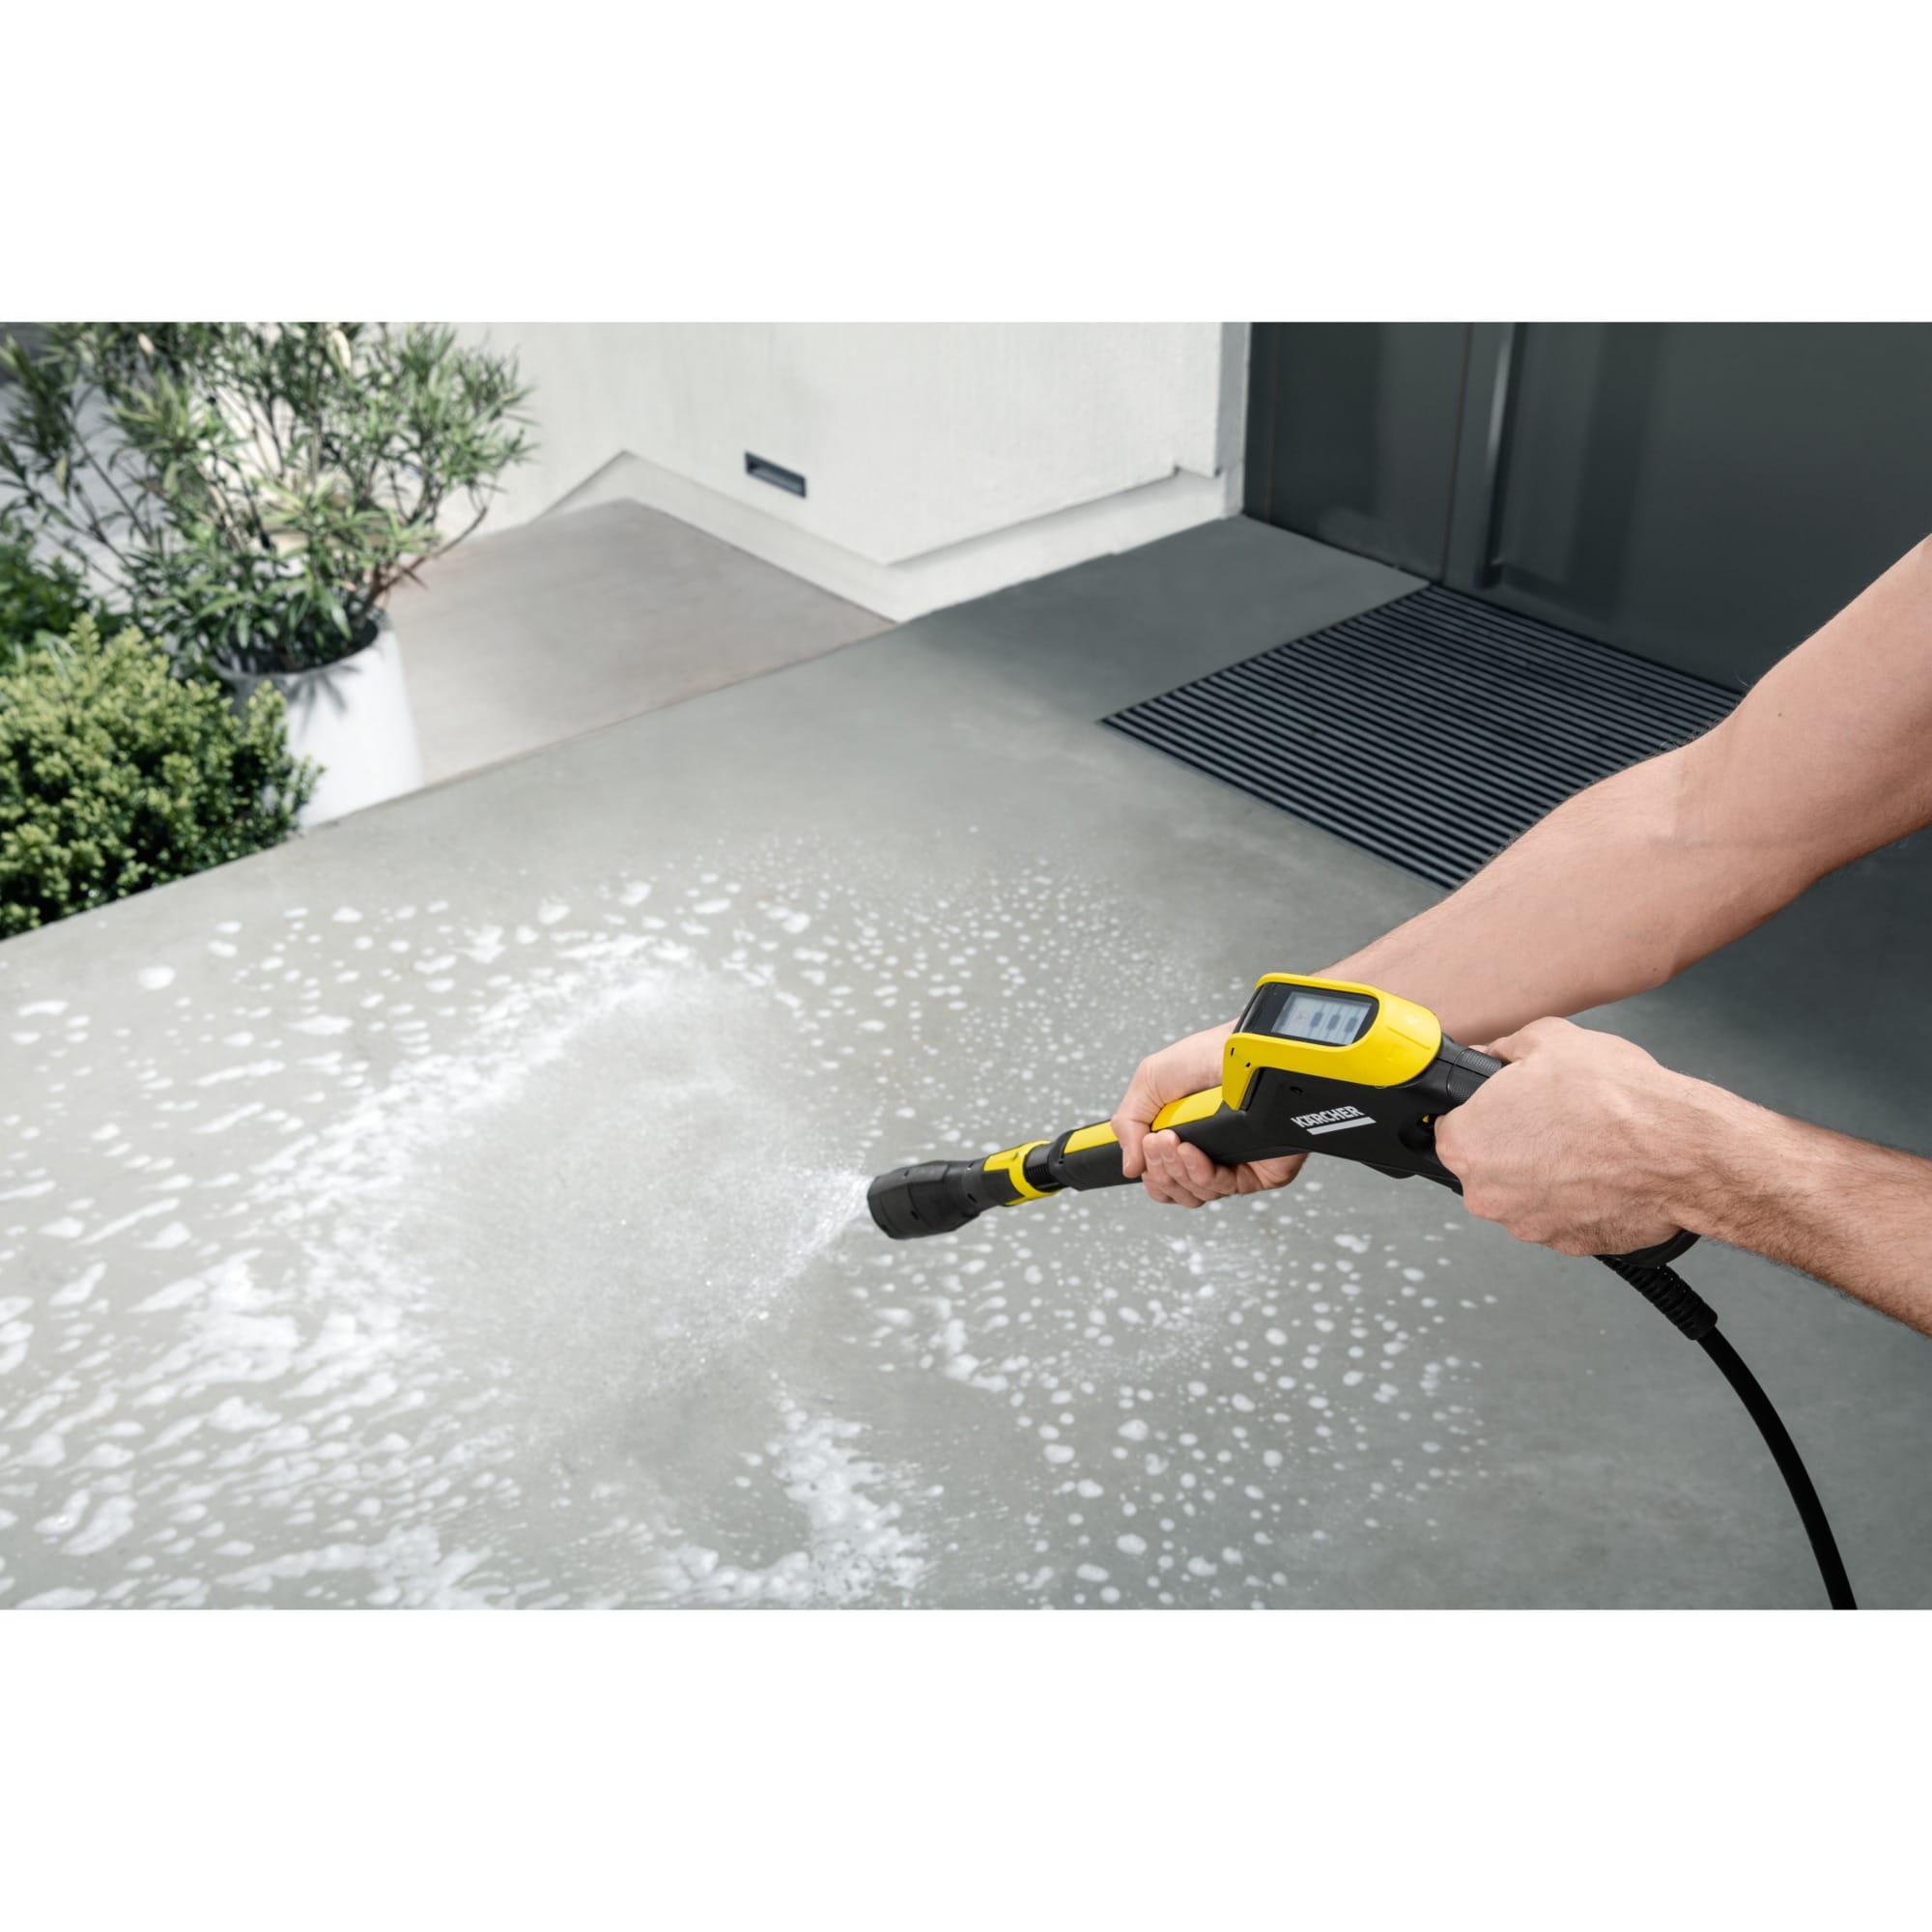 Kärcher Hochdruckreiniger K 7 Premium Full Control Plus Home